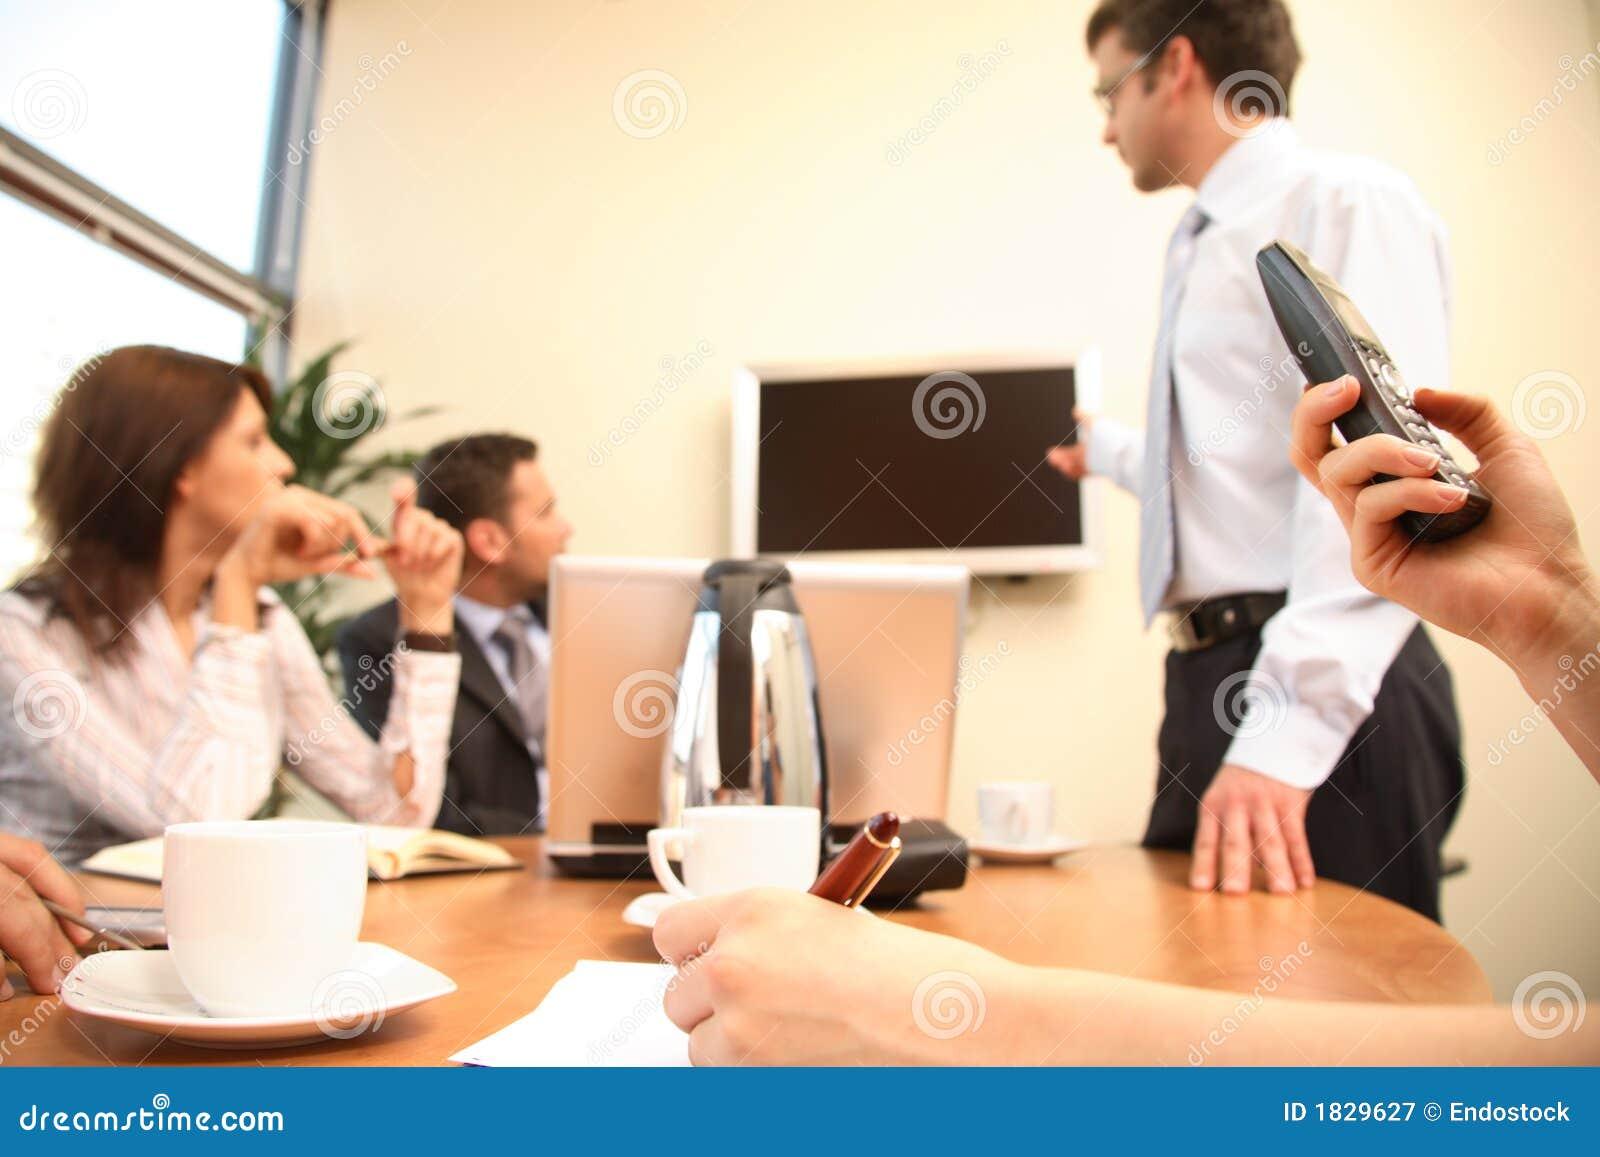 Framställning av presentation för manbildskärmfolk till